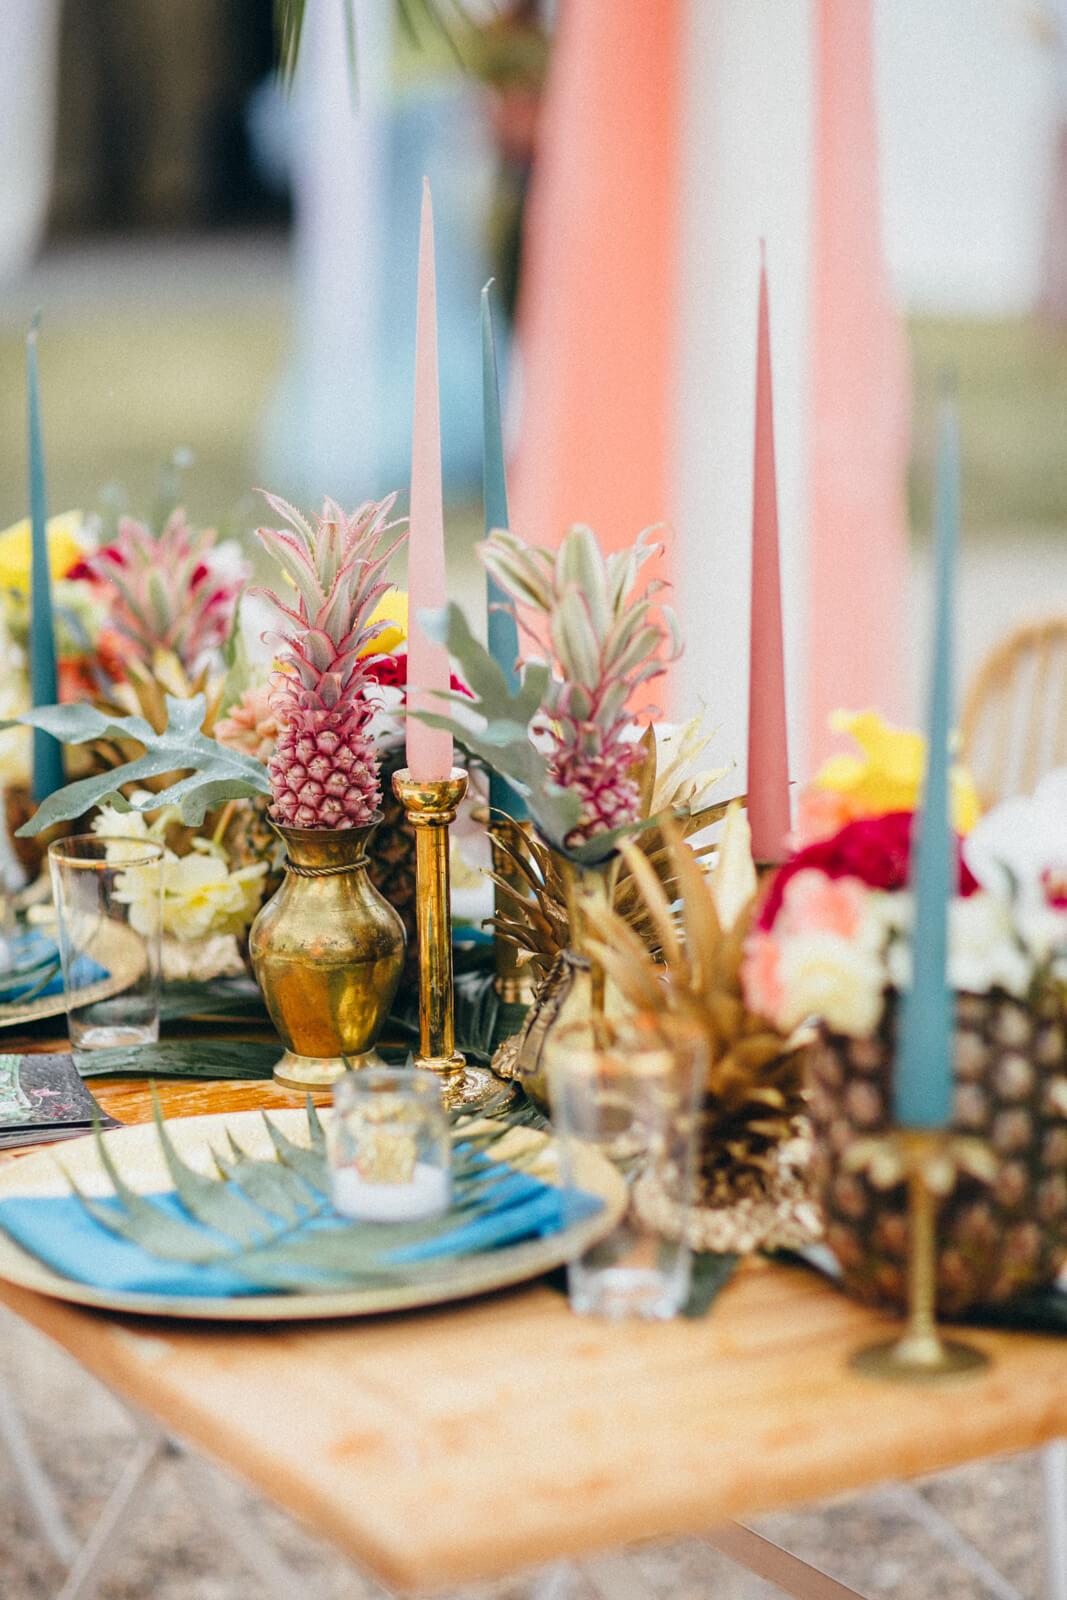 Wedding-Market-Leipzig-Sommer-Edition-2018-Tisch-von-massivum-Deko-von-Saltoflorale-(c)-Andy-Paulik